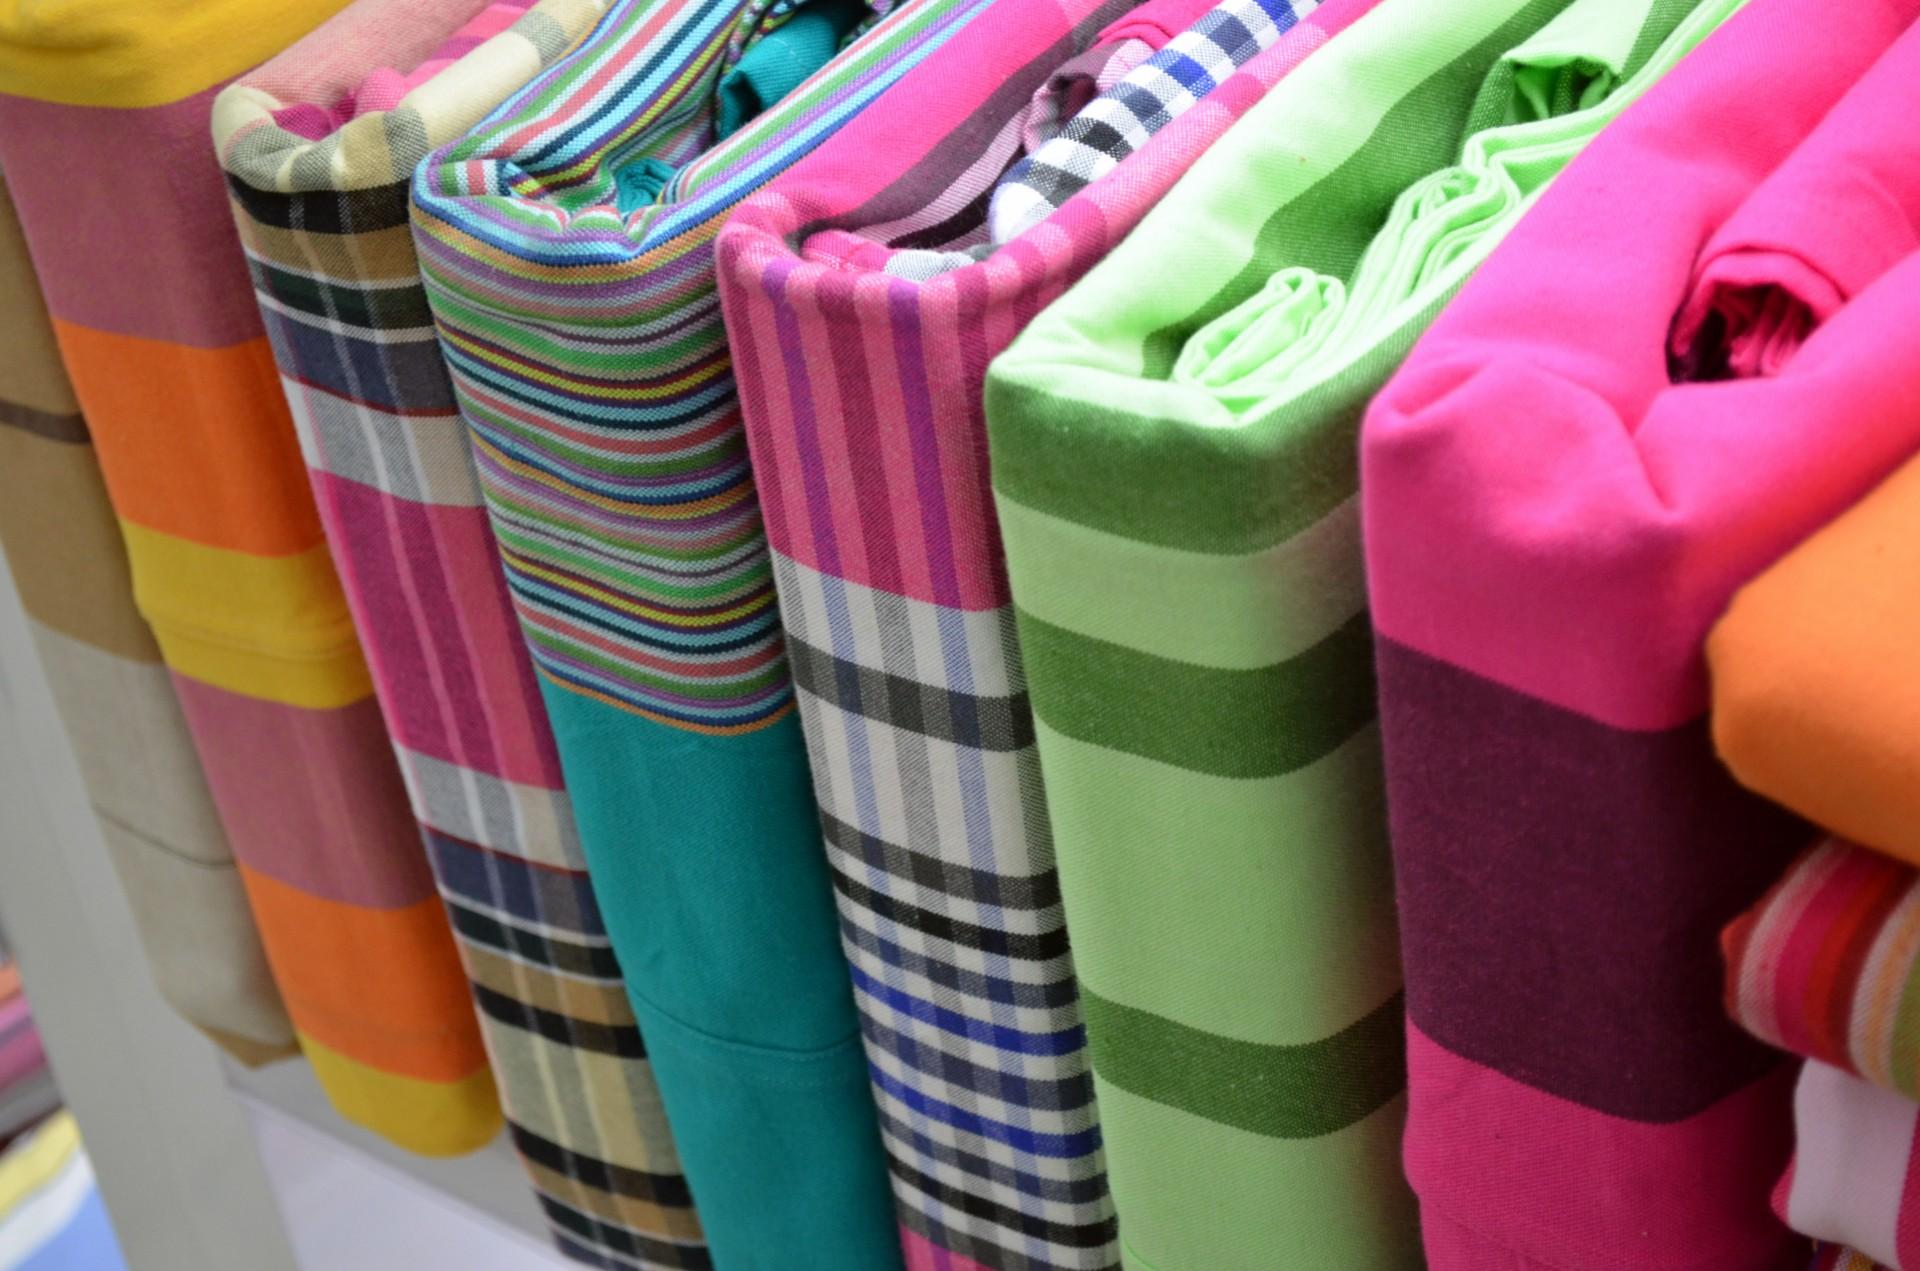 Как избавиться от катышков на постельном белье?